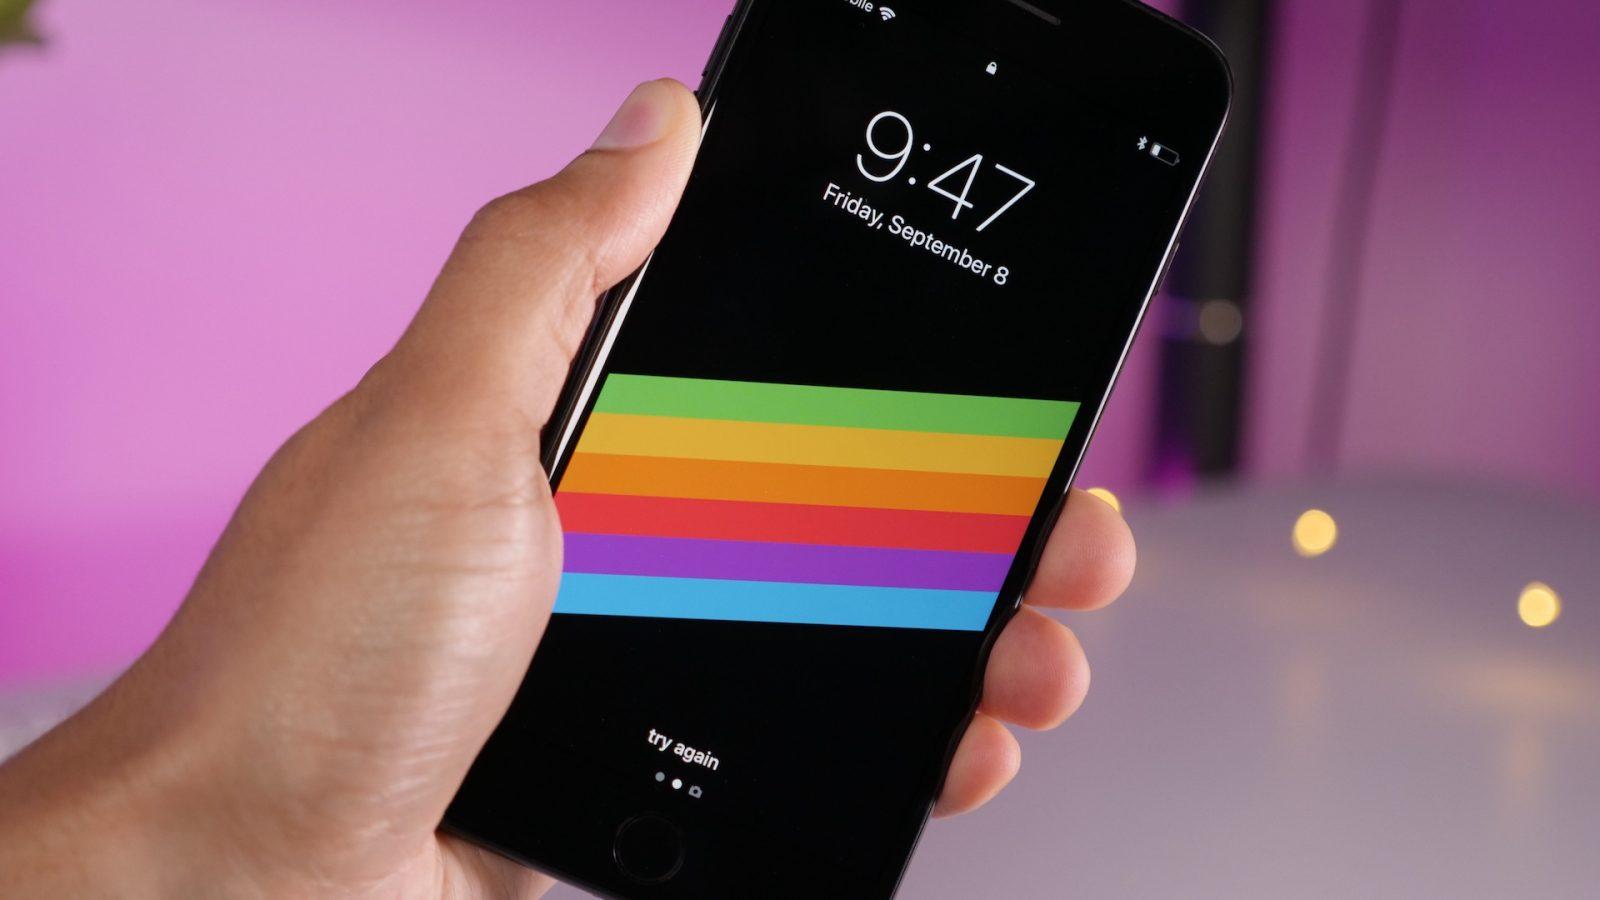 福利 iPhone 全套超高清壁纸打包送你图片